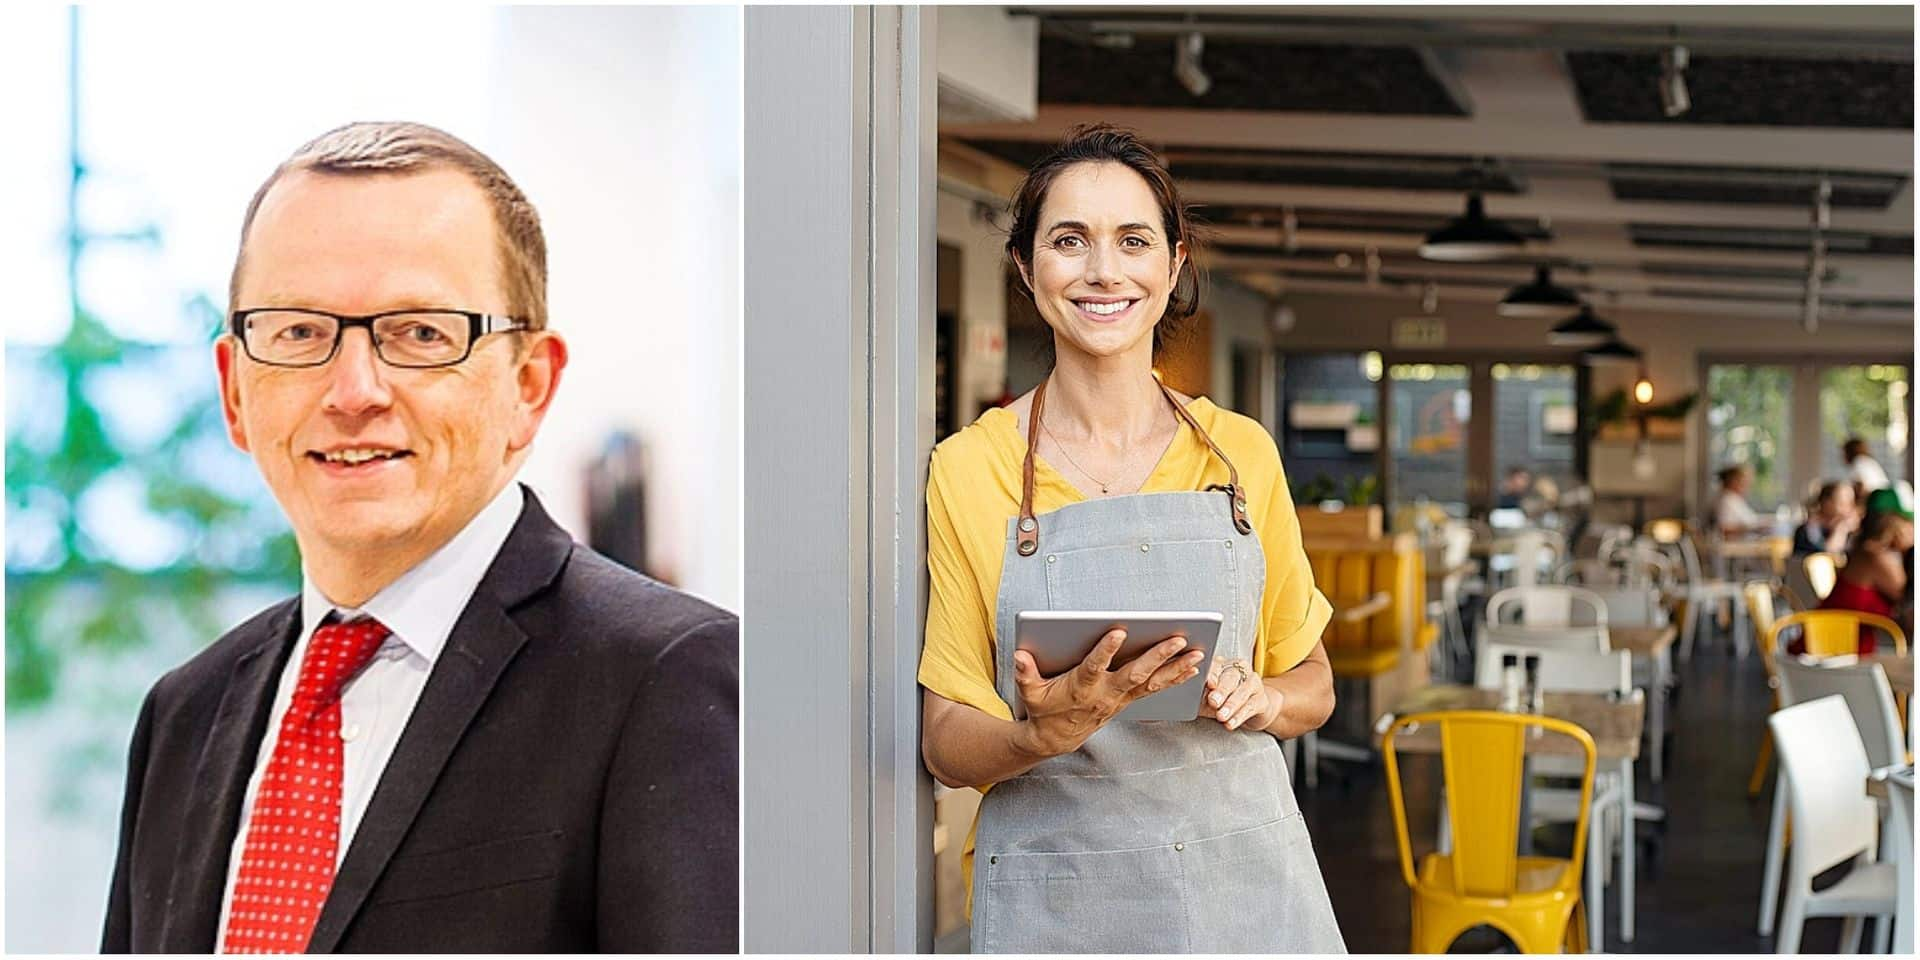 """Il y a aussi de belles opportunités dans l'Horeca : """"Il y a encore de bons employeurs, de bonnes sociétés et c'est un métier où il n'y a qu'un pas entre réceptionniste et manager"""""""